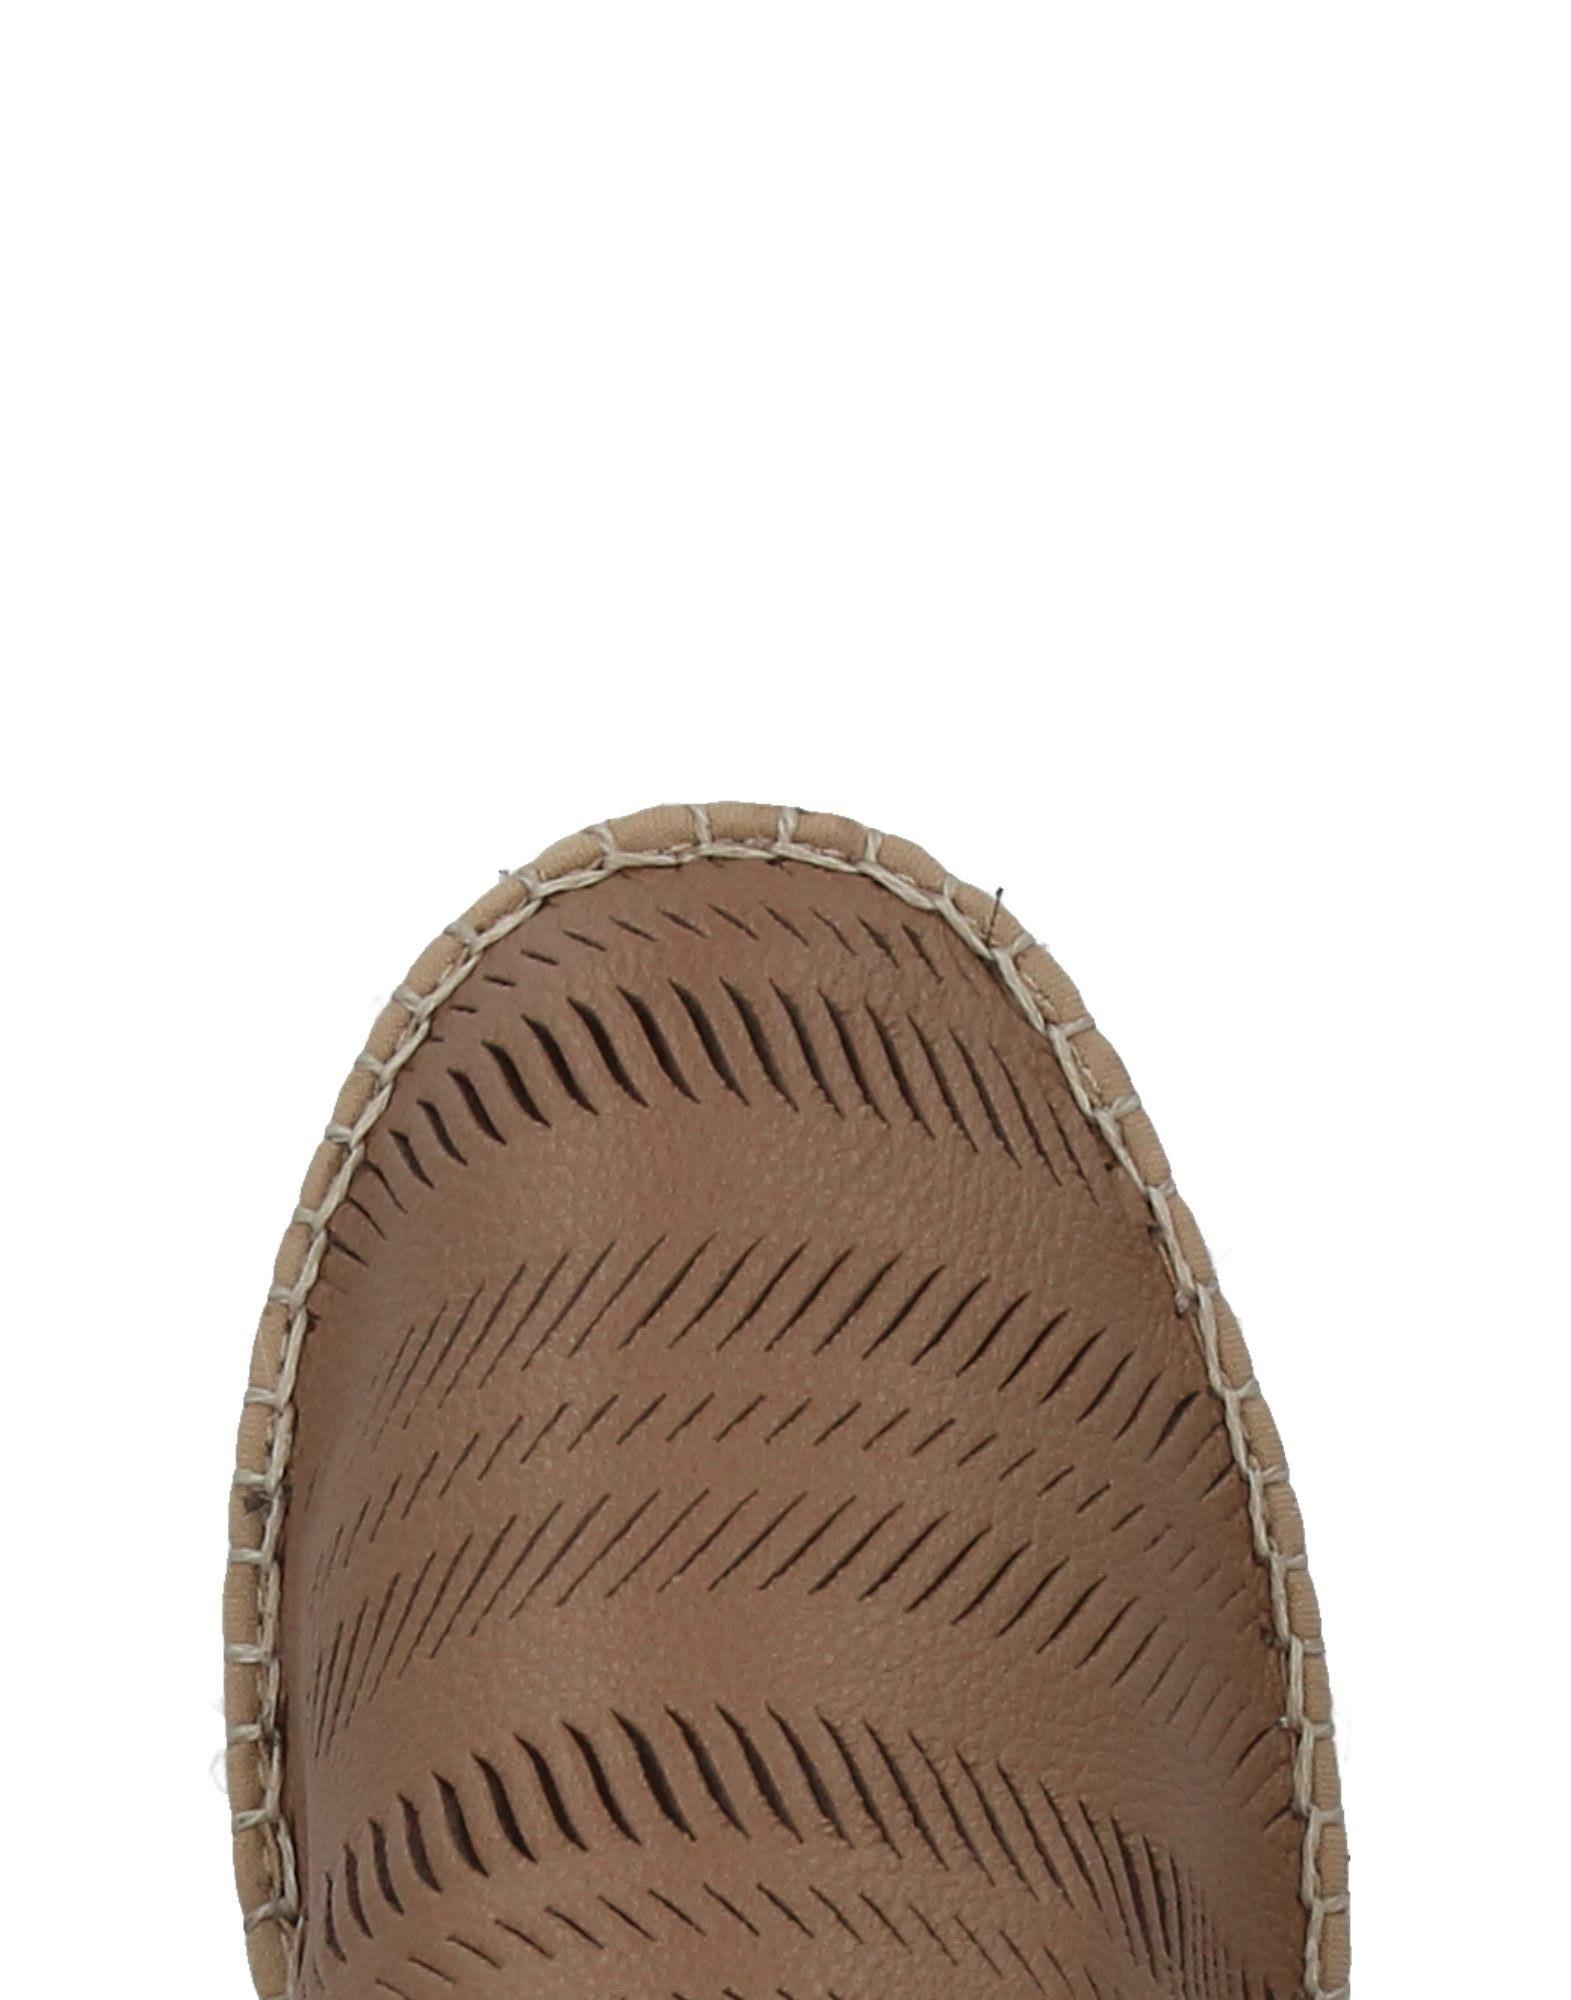 Prism Espadrilles Damen  11387951UE Gute Qualität beliebte Schuhe